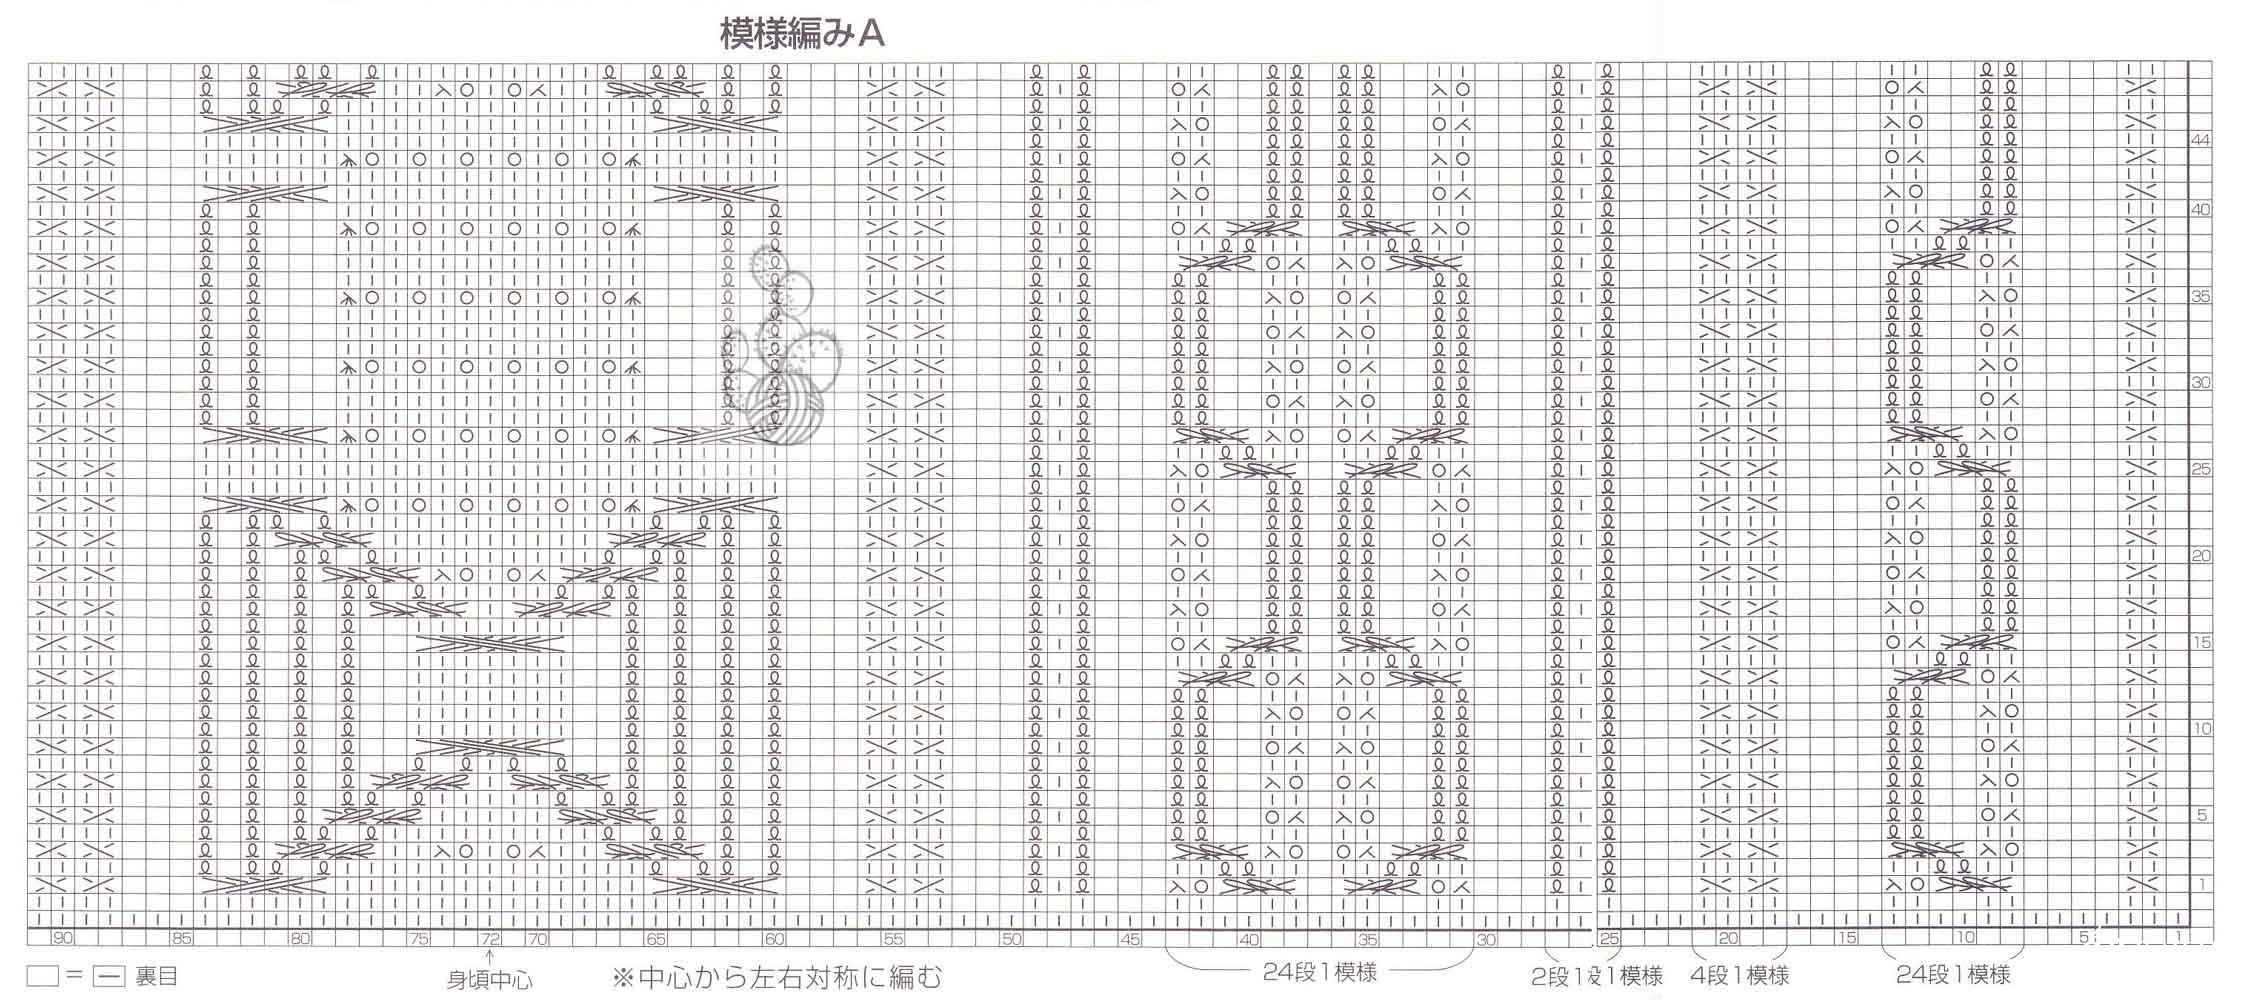 NV80225-066.jpg